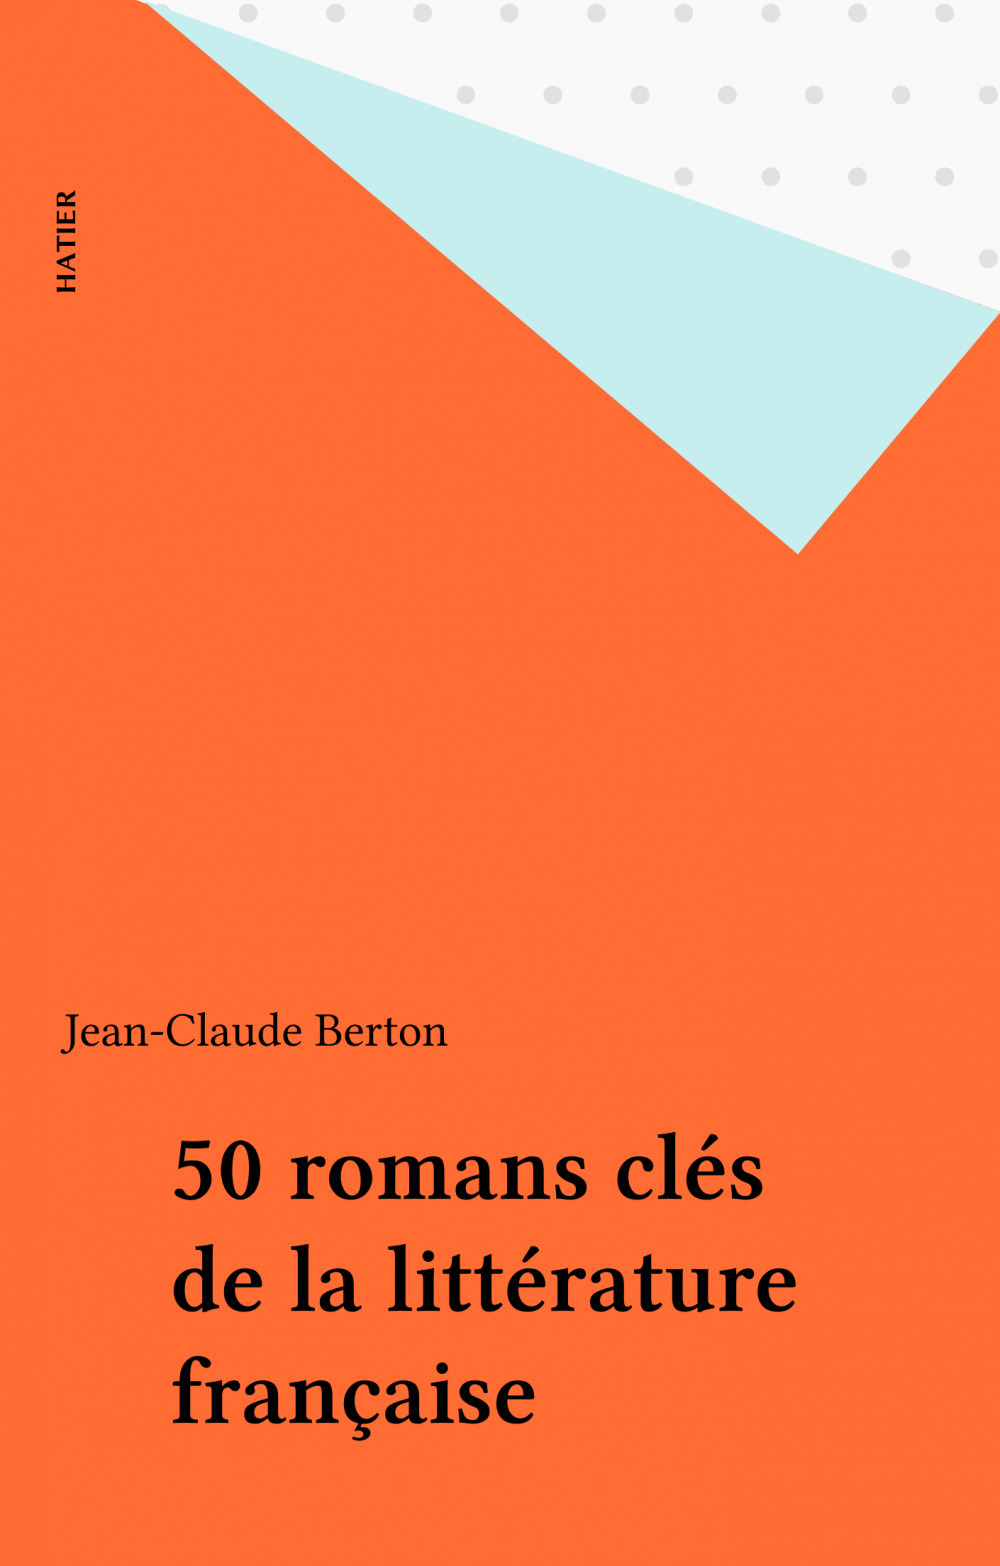 50 romans clés de la littérature française